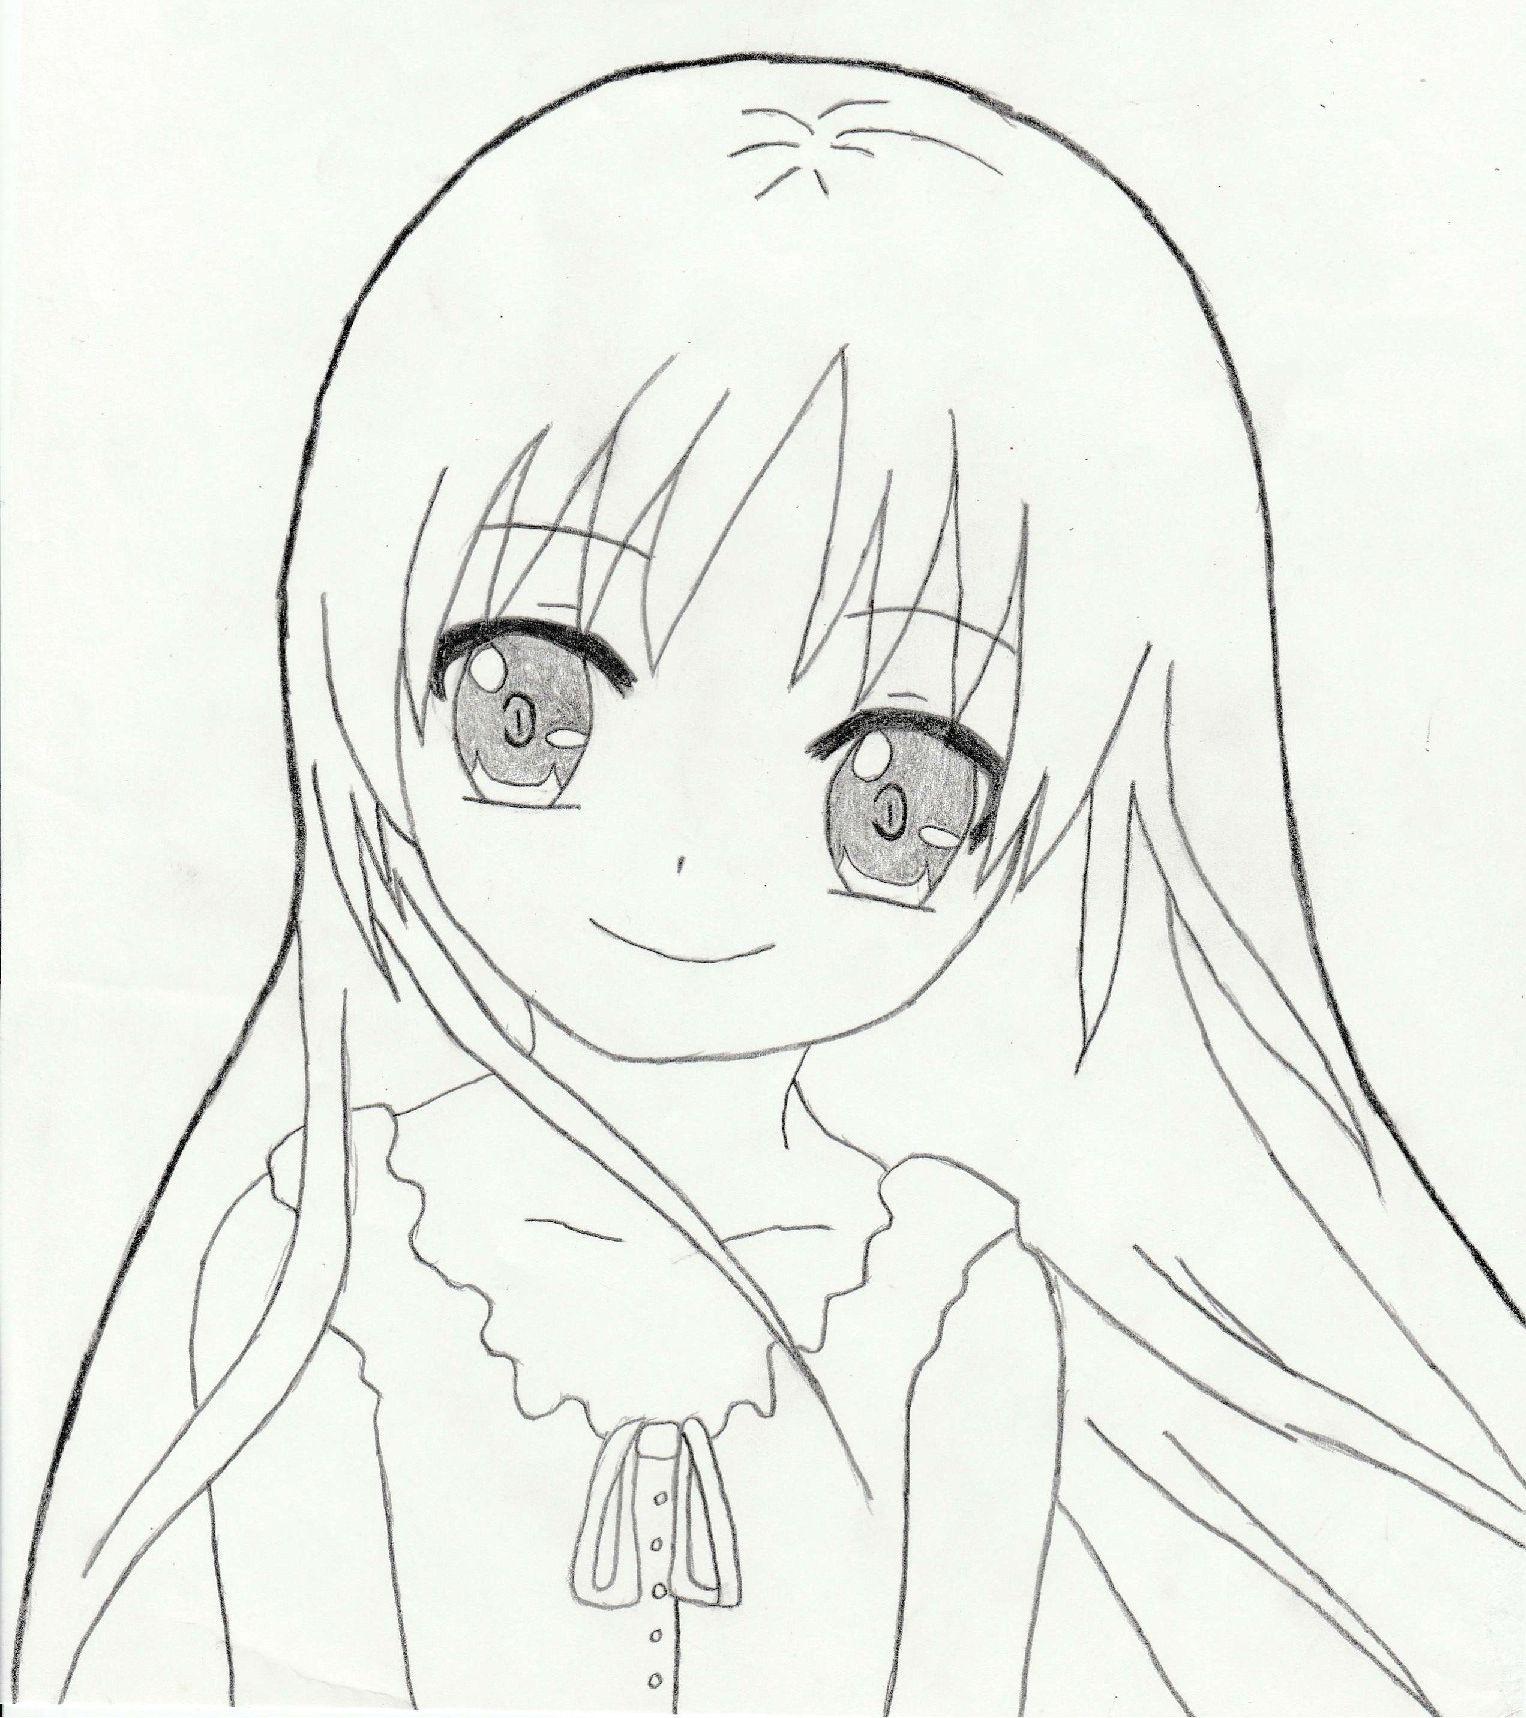 Картинки для срисовки карандашом прикольные для девочек 14 лет аниме